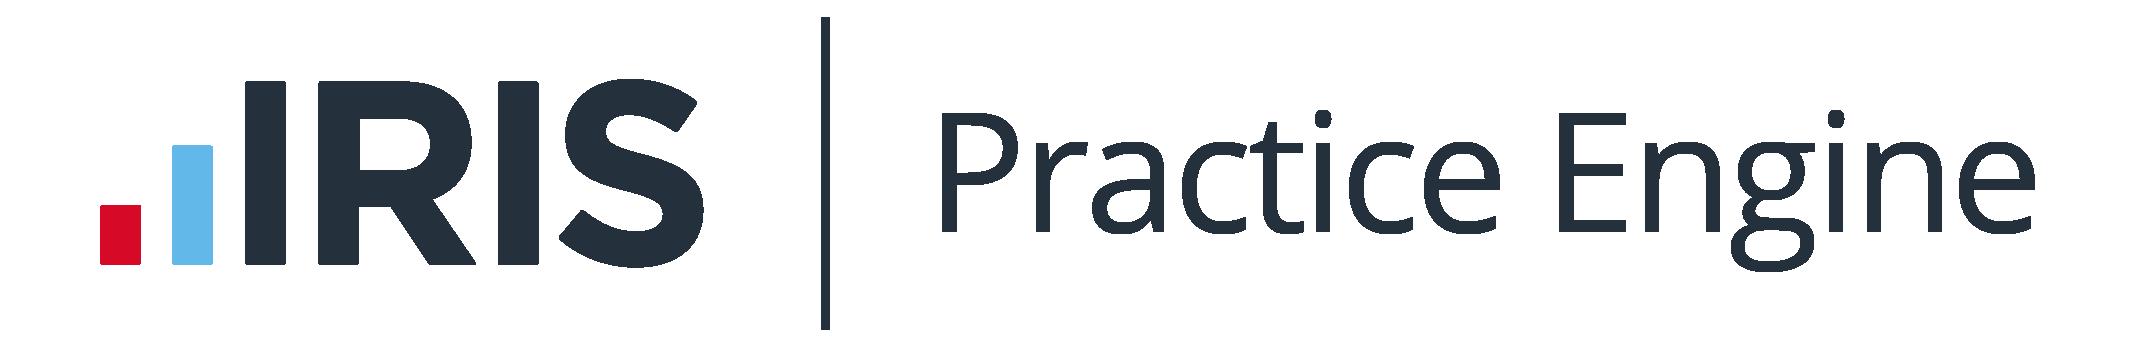 IRIS Practice Engine